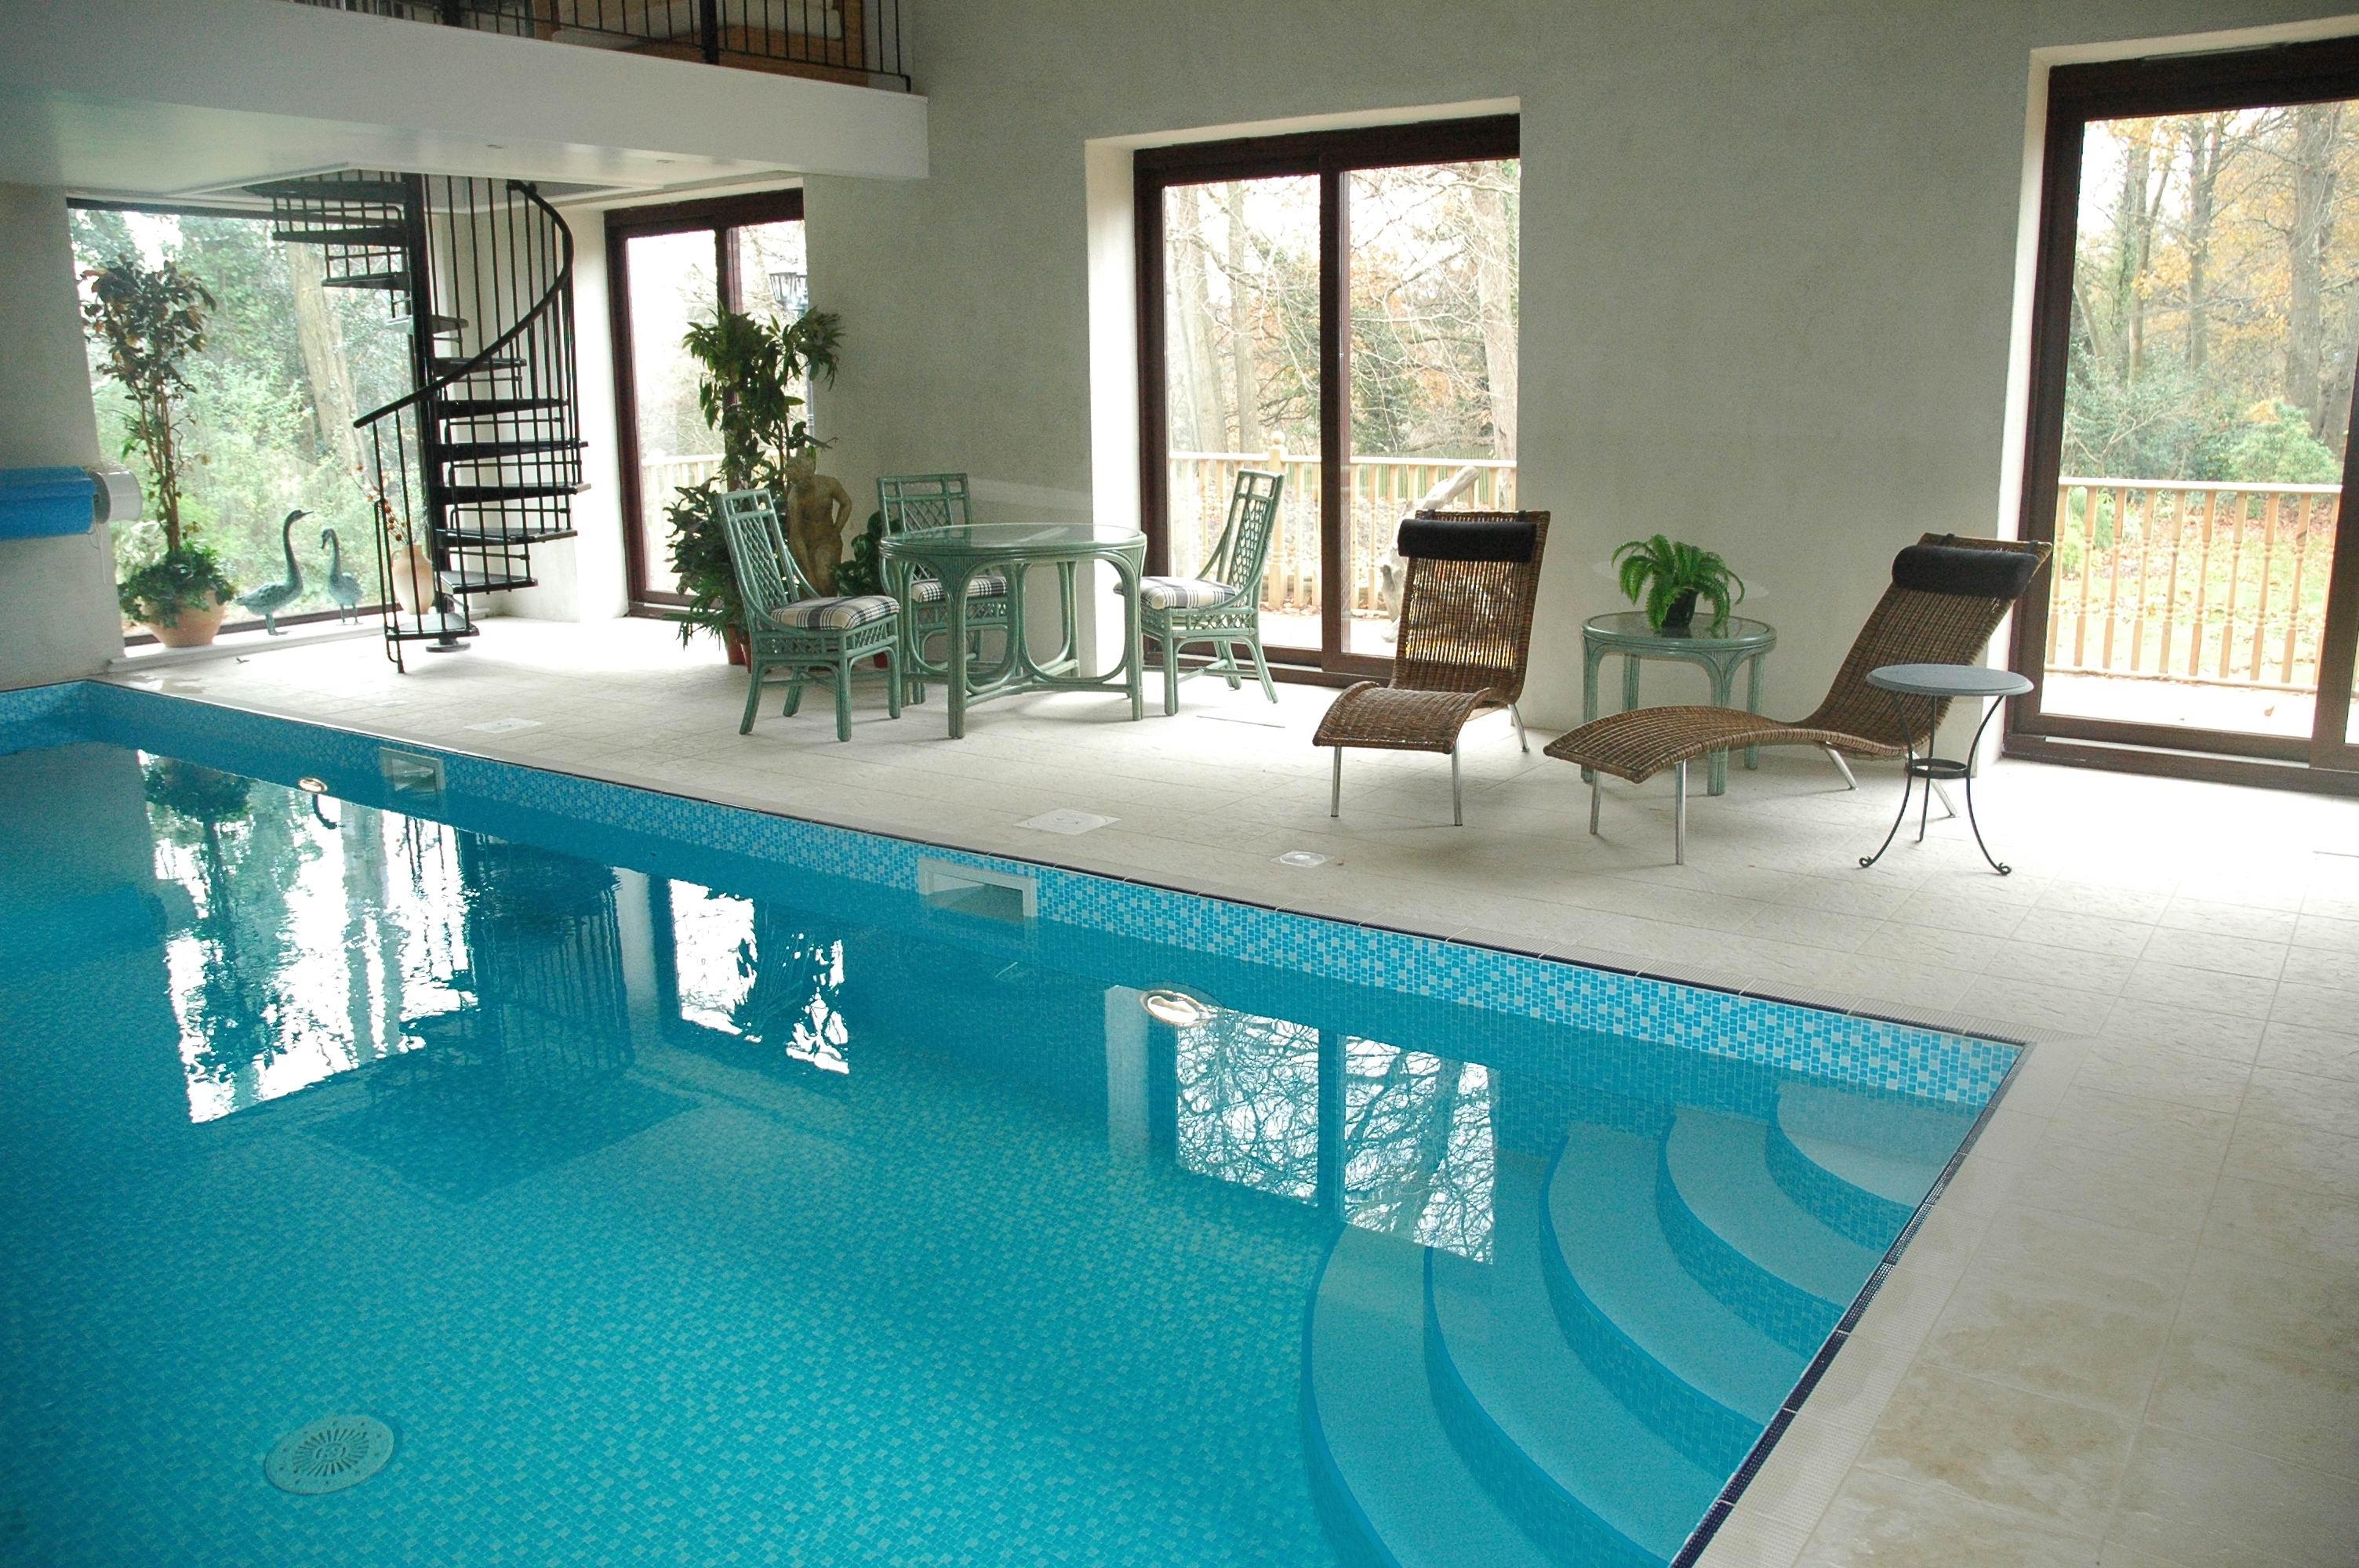 Pool and room good